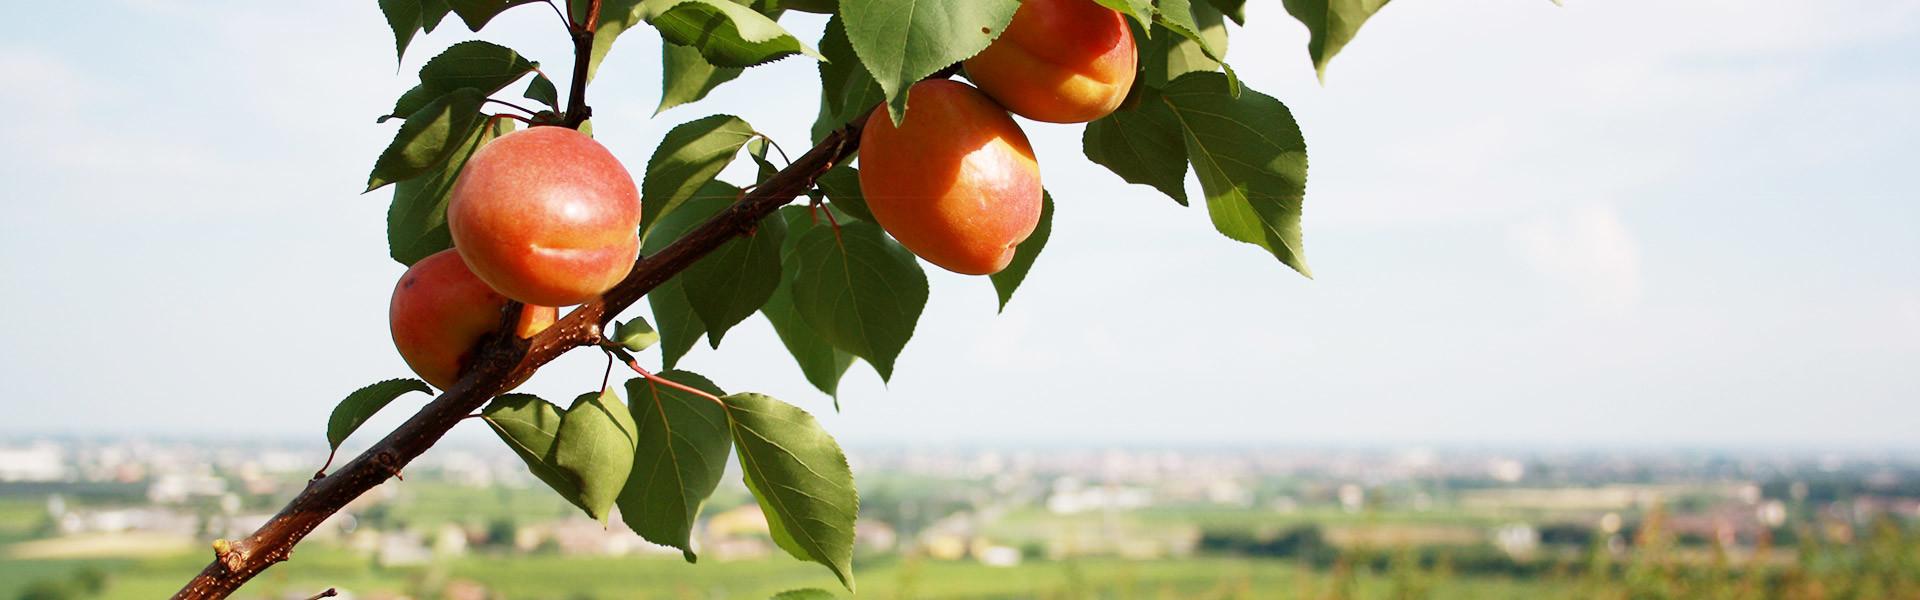 Vendita Frutta a Verona da Quattro Generazioni